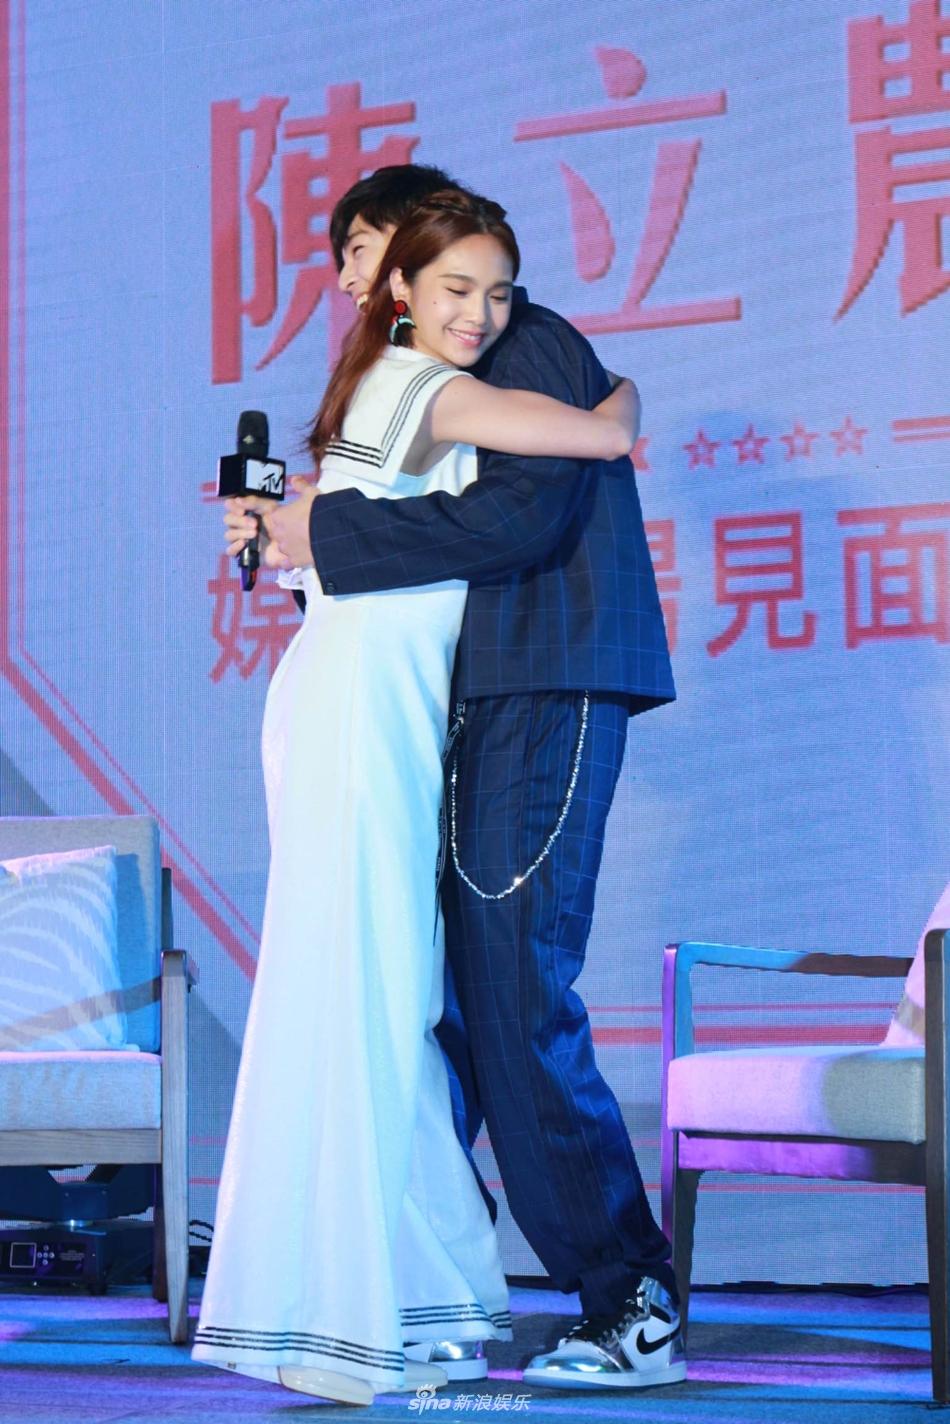 陈立农台北见面会 杨丞琳惊喜现身送抱抱